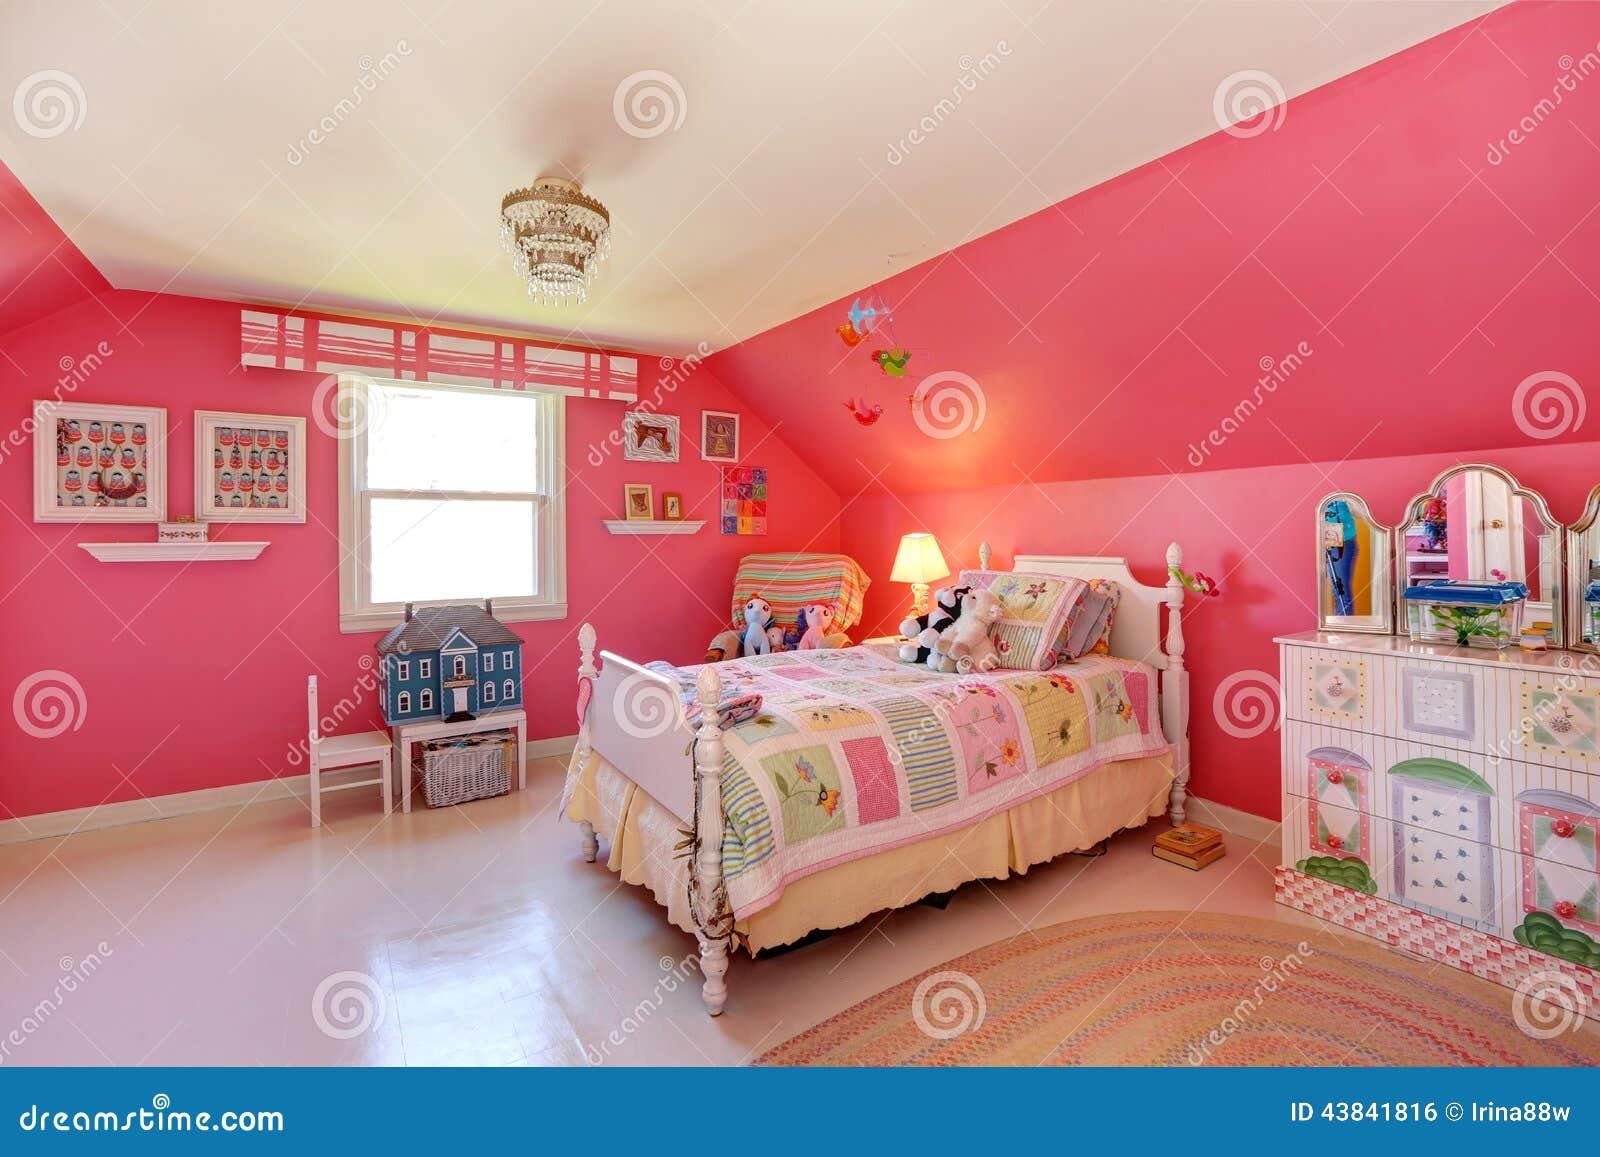 Colori Per Camera Ragazza.Bella Stanza Delle Ragazze Nel Colore Rosa Luminoso